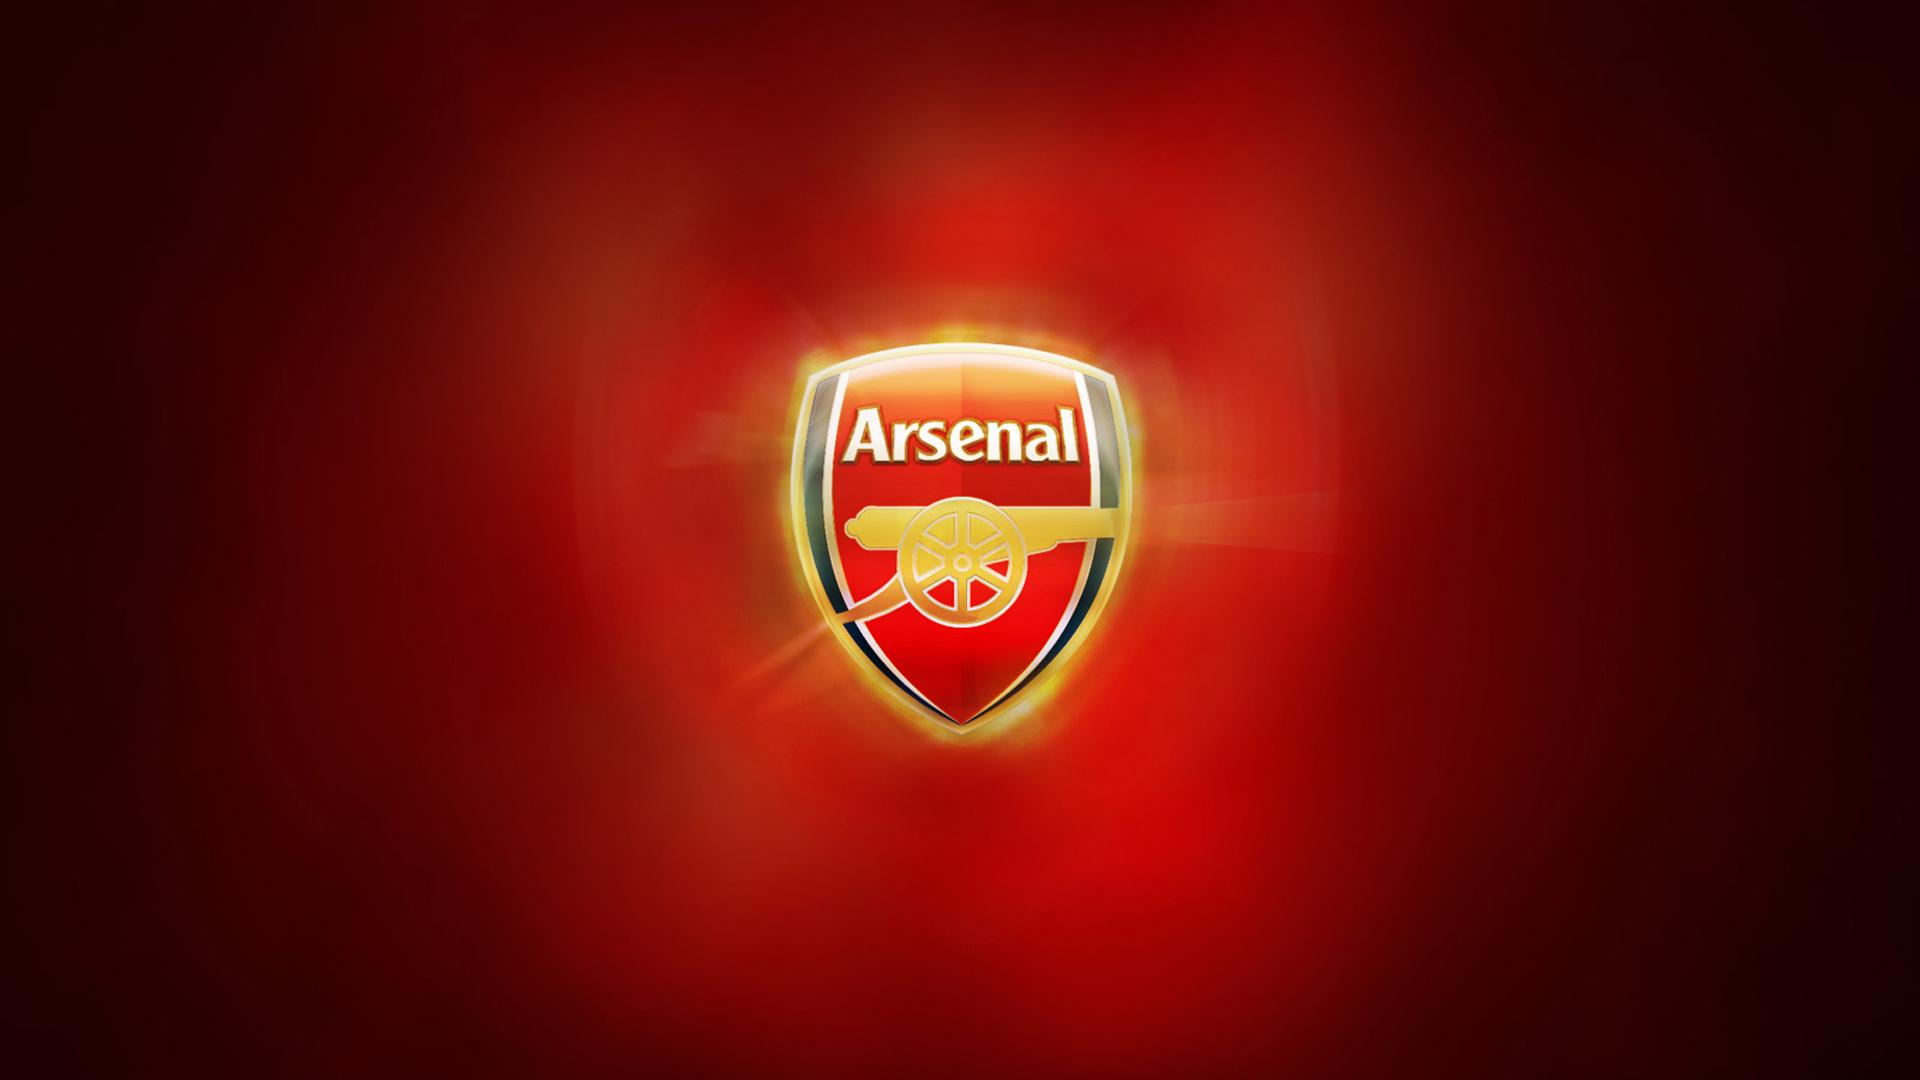 Oboi Emblema Arsenala Kartinki Oboi Dlya Rabochego Stola Emblema Arsenala Foto Iz Alboma Sport